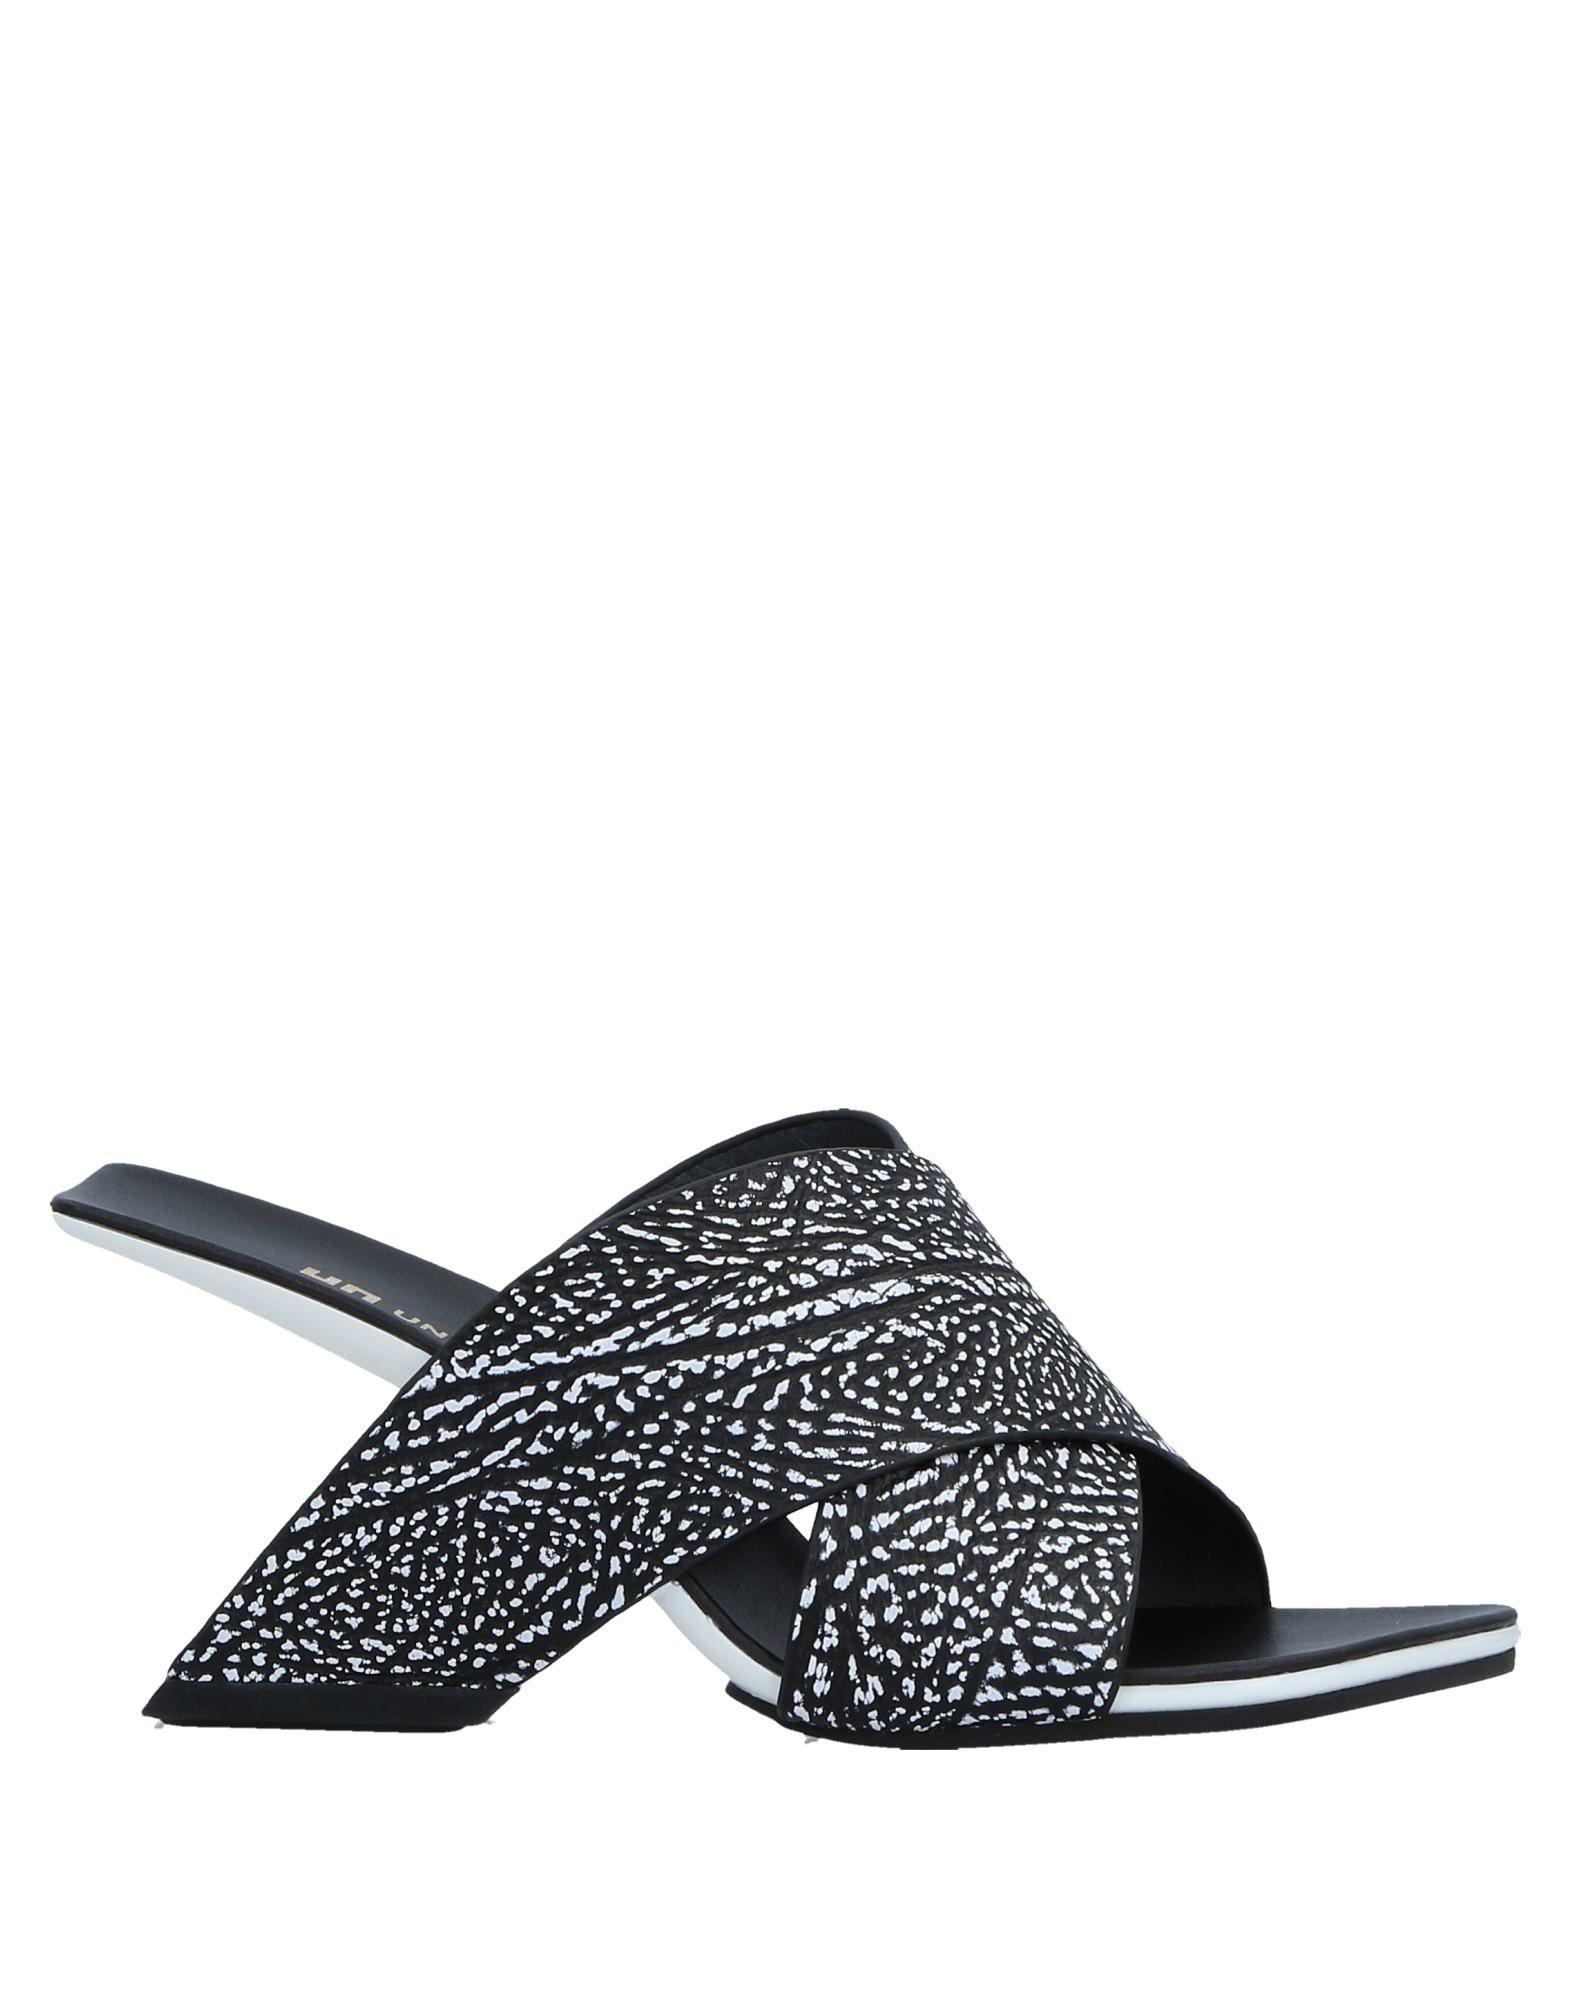 Sneakers Munich Uomo - 11453640VS Scarpe economiche e buone